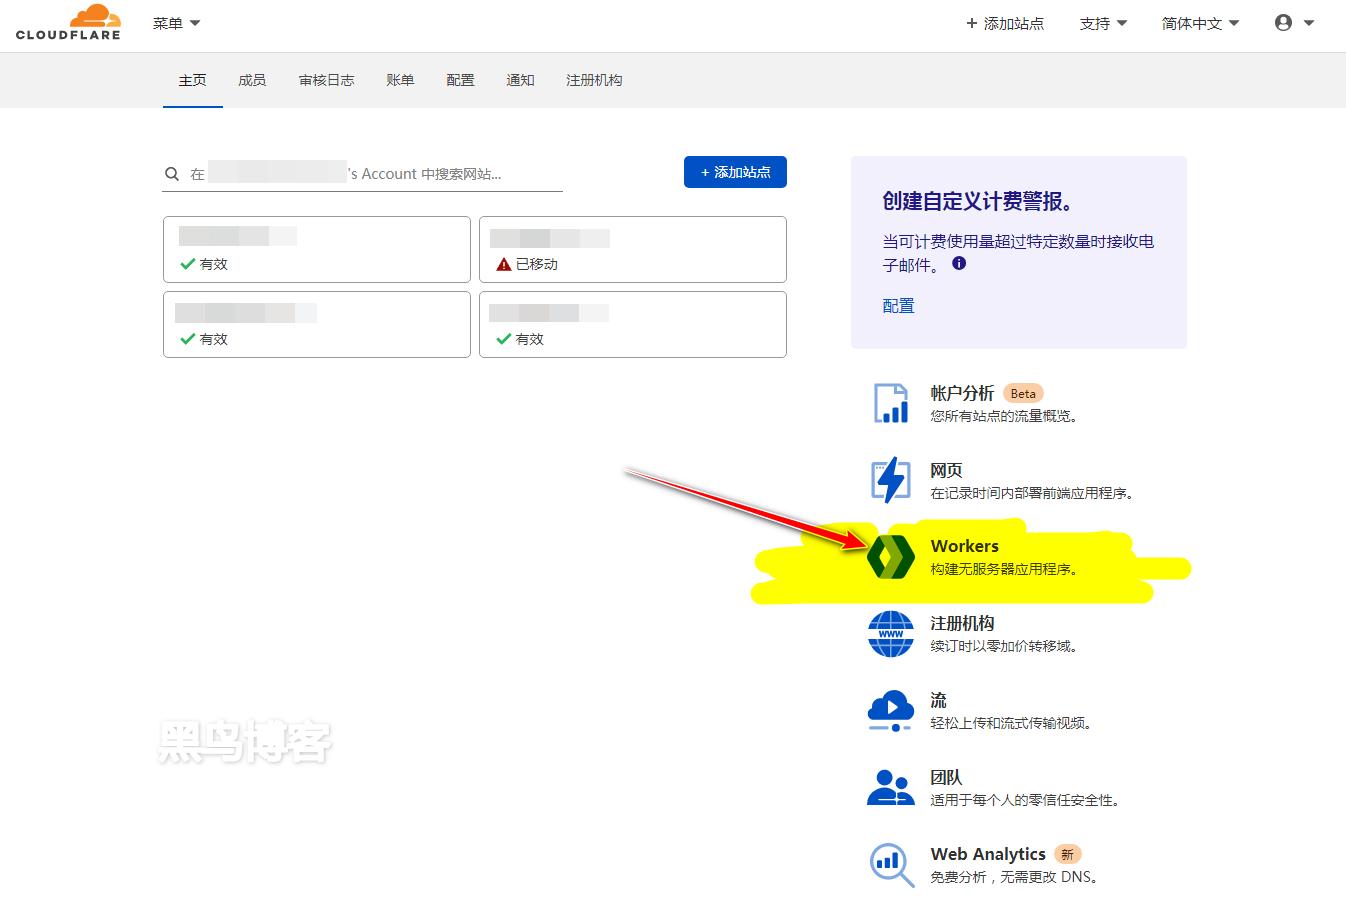 《CF 版 Server 酱 by 企业微信通道》